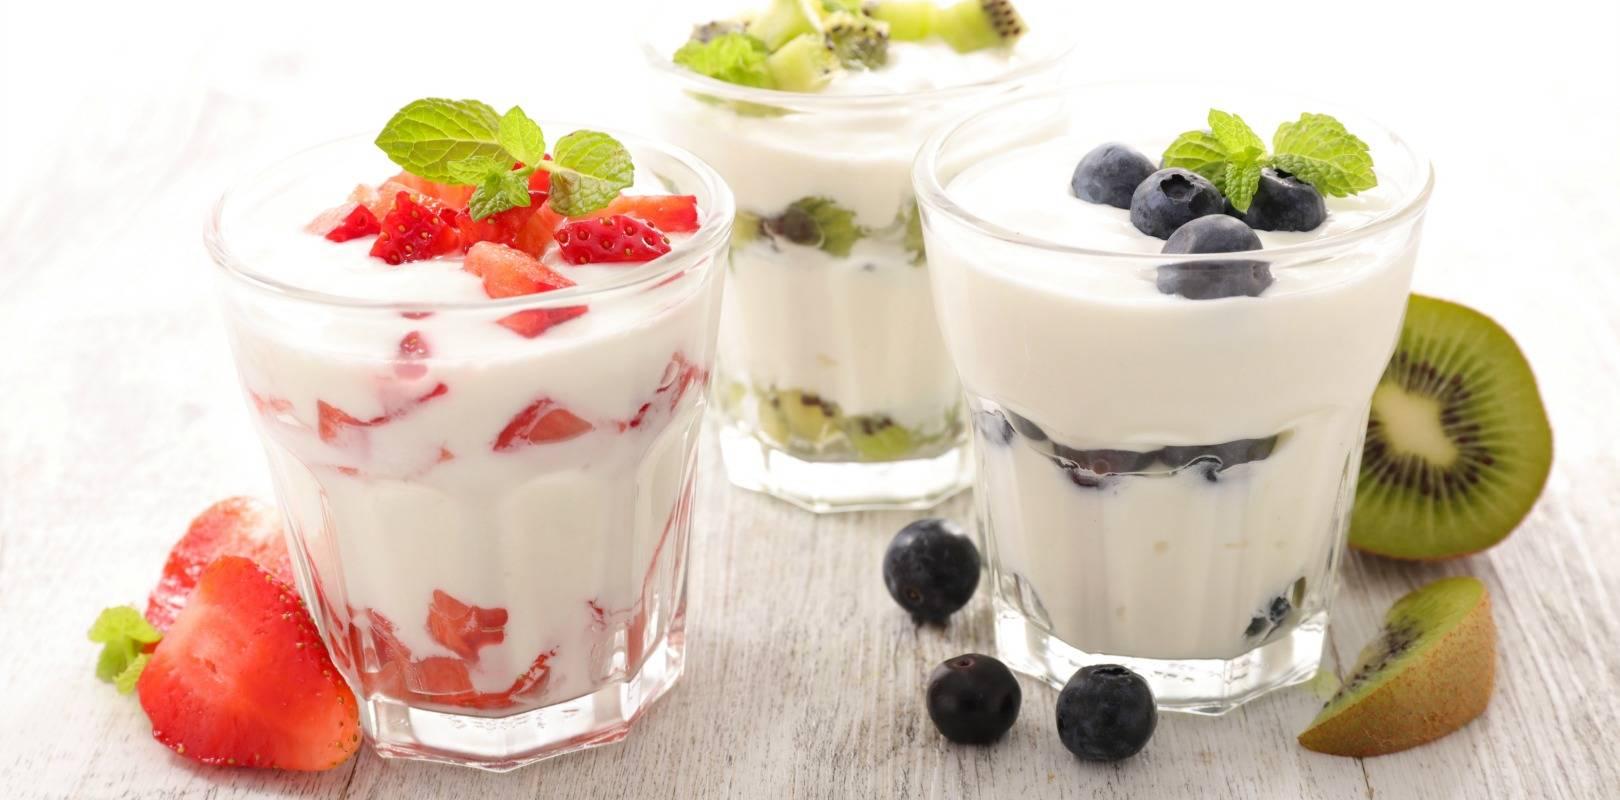 Греческий йогурт — что это такое?